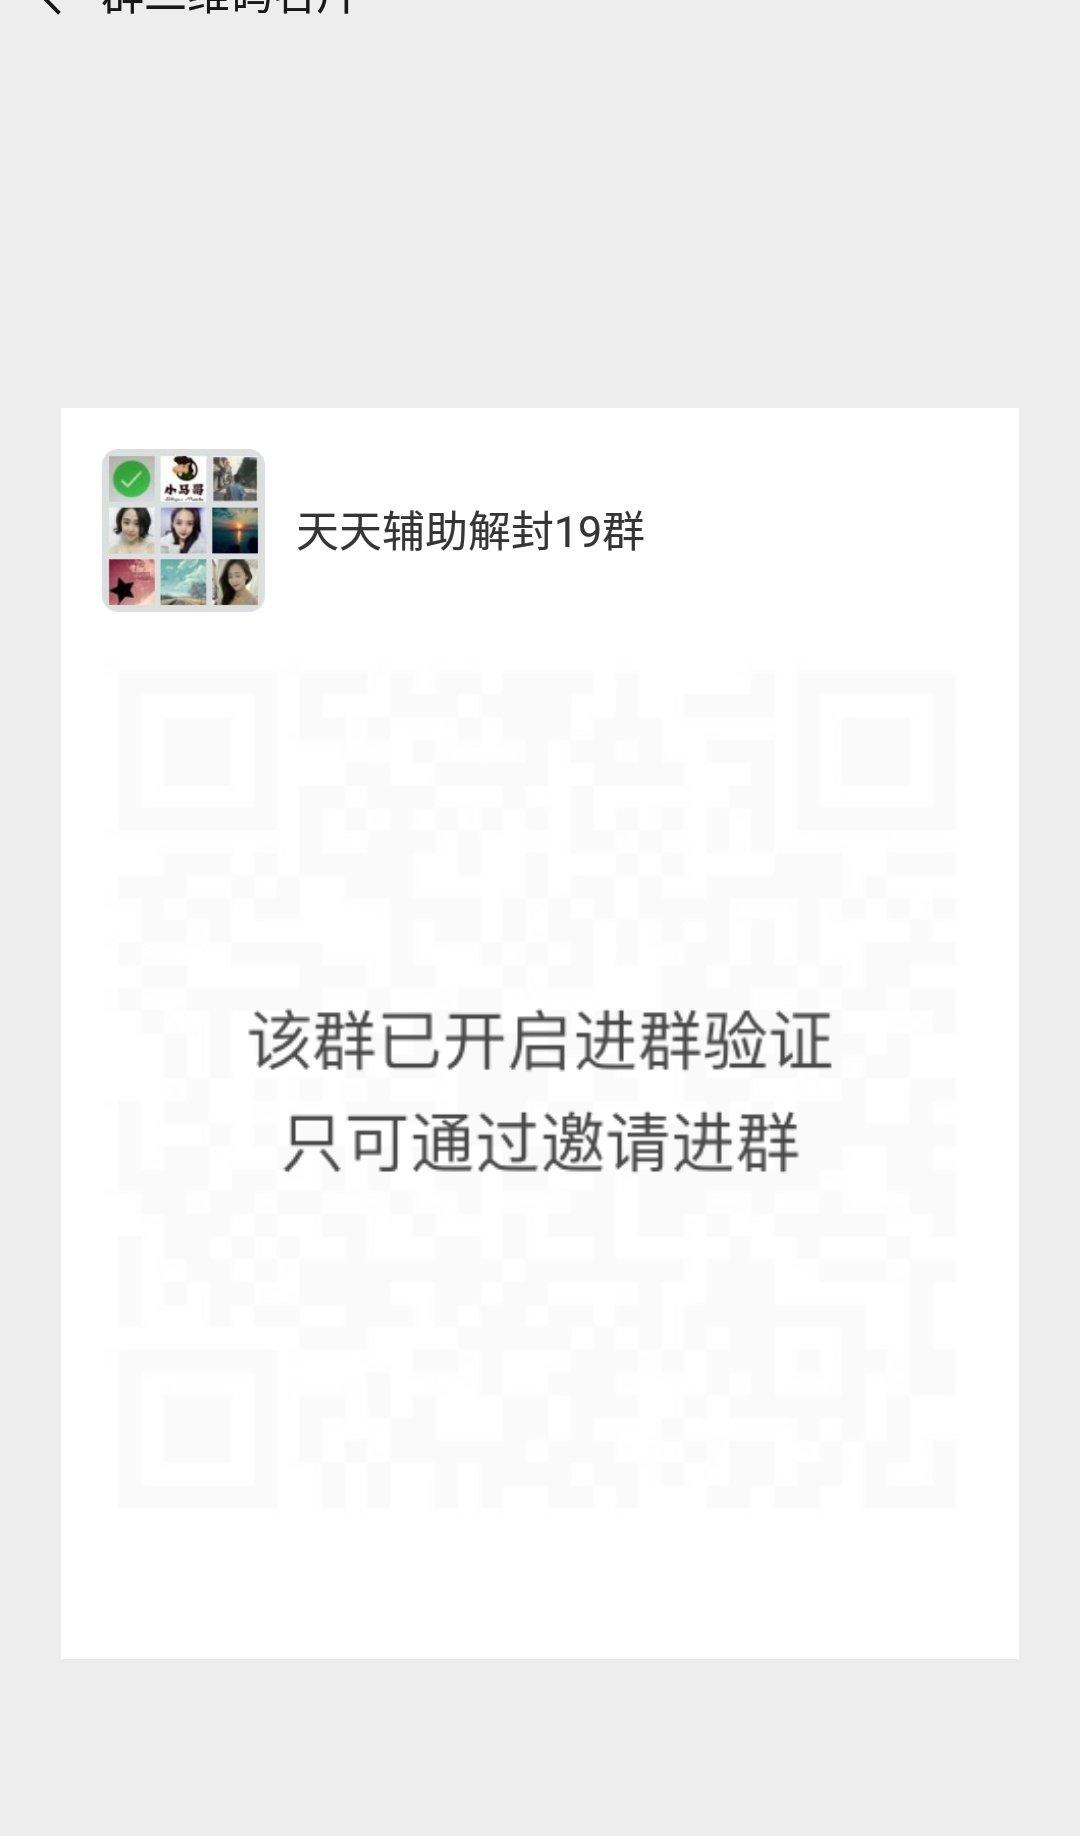 微信被限制登录 不可解封